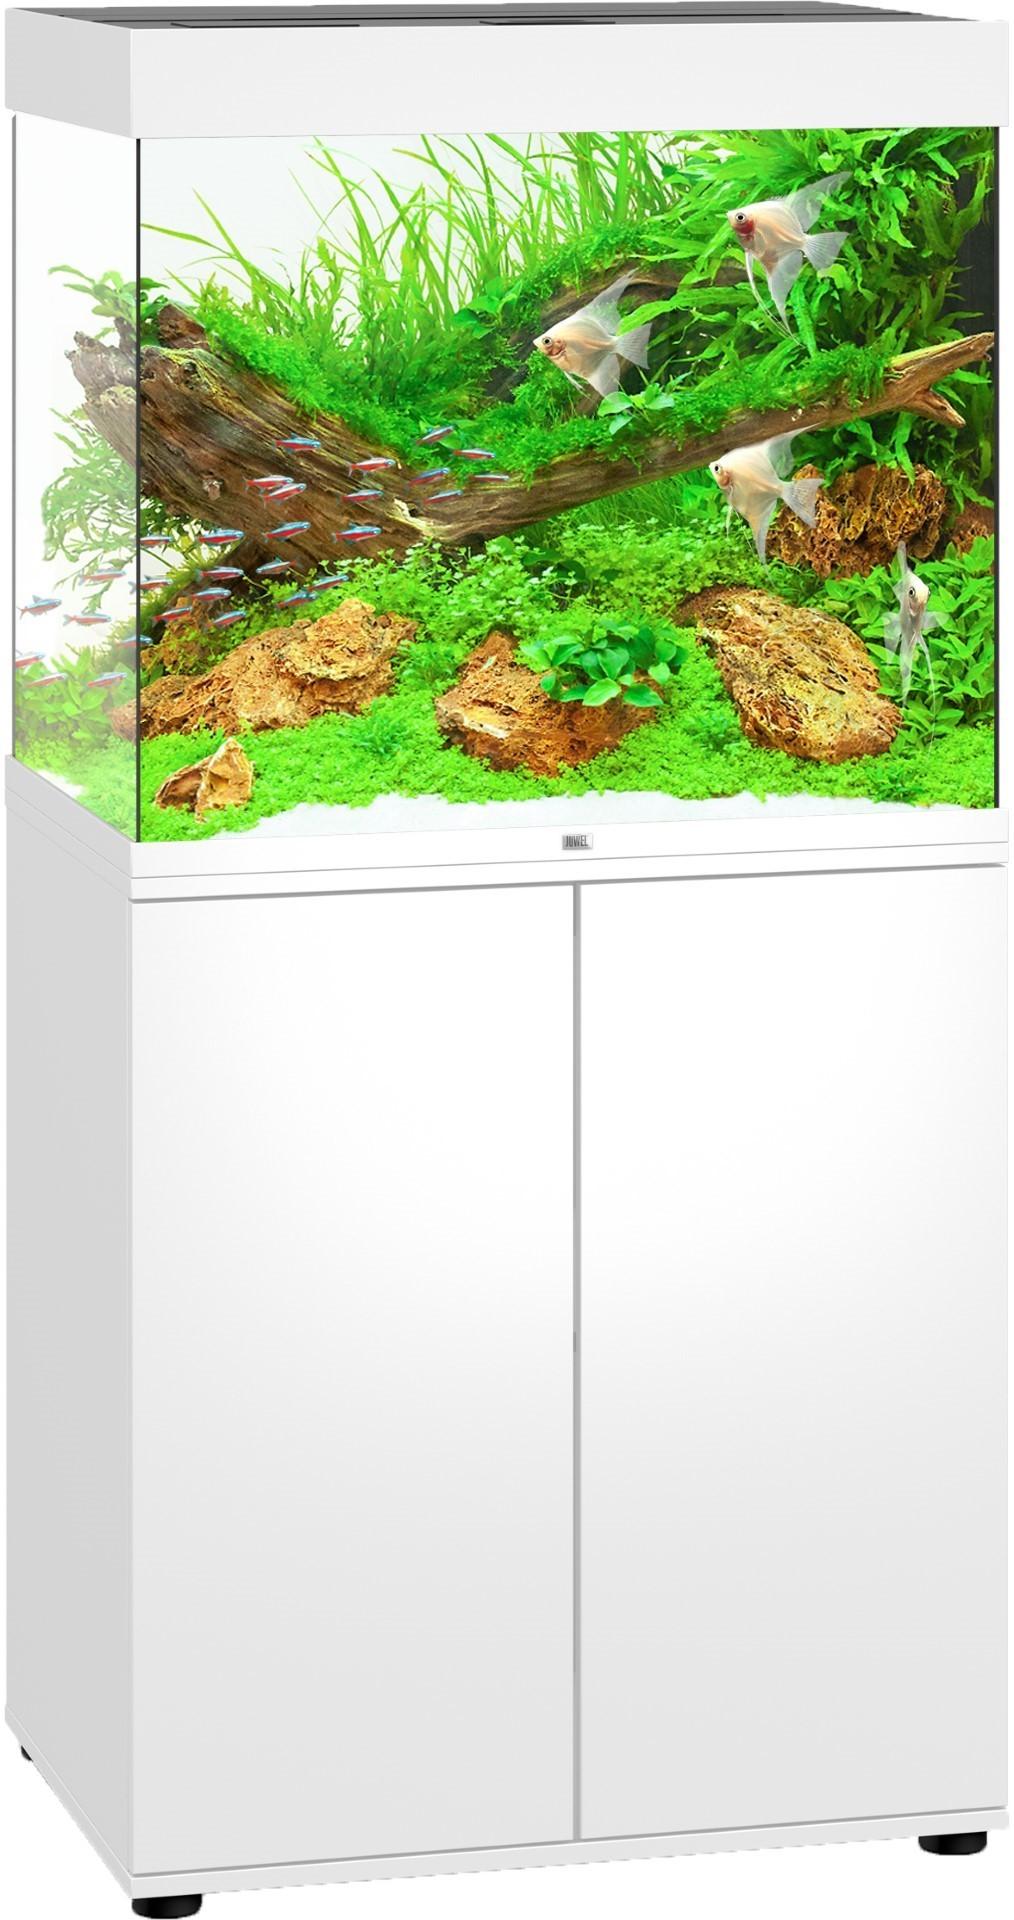 Juwel meubel bouwpakket SBX Lido 200 wit